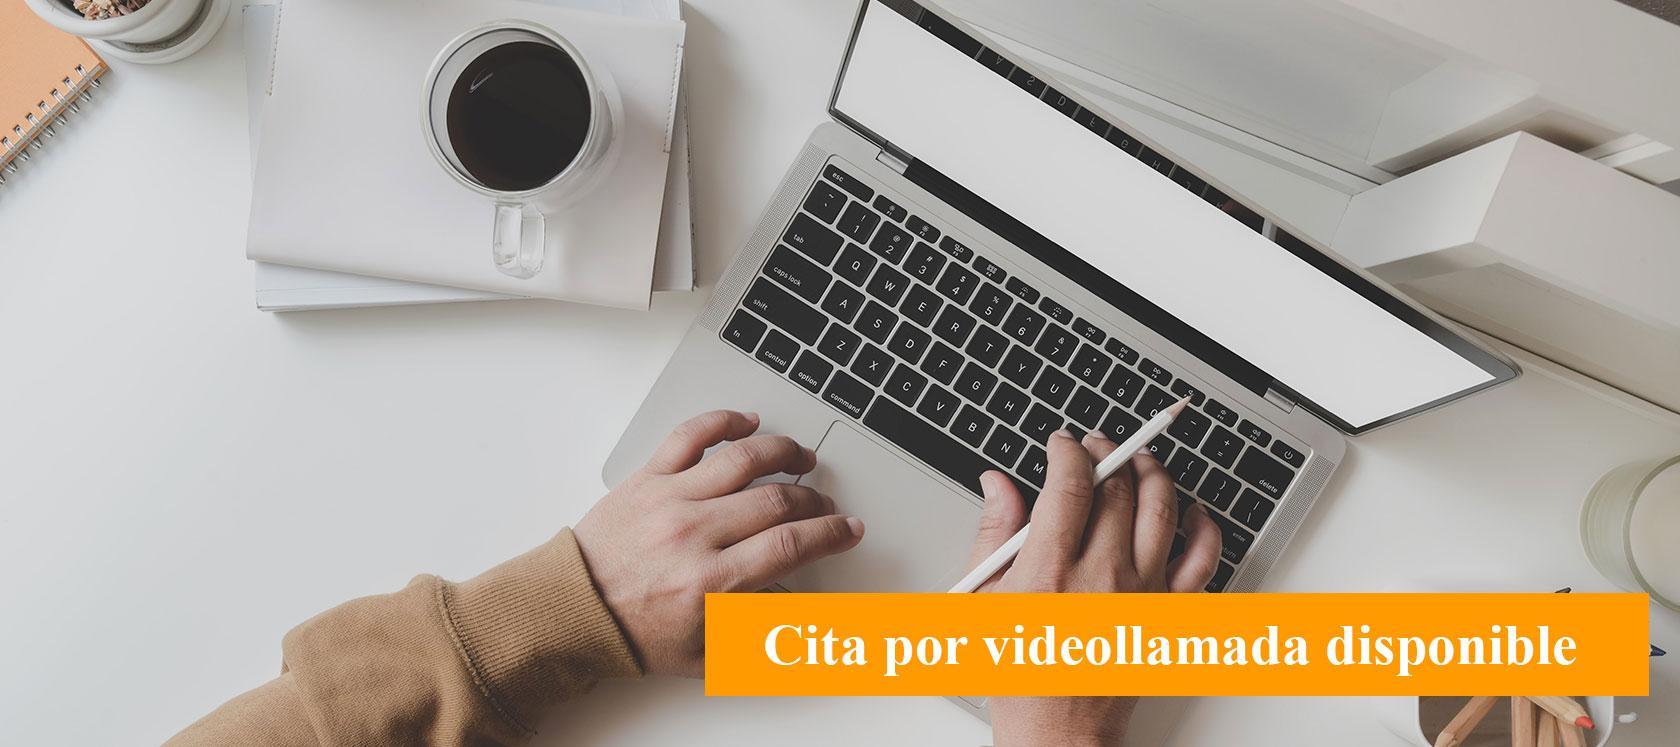 Pisos de obra nueva en Valencia   Promoción Célere Torres Mislata